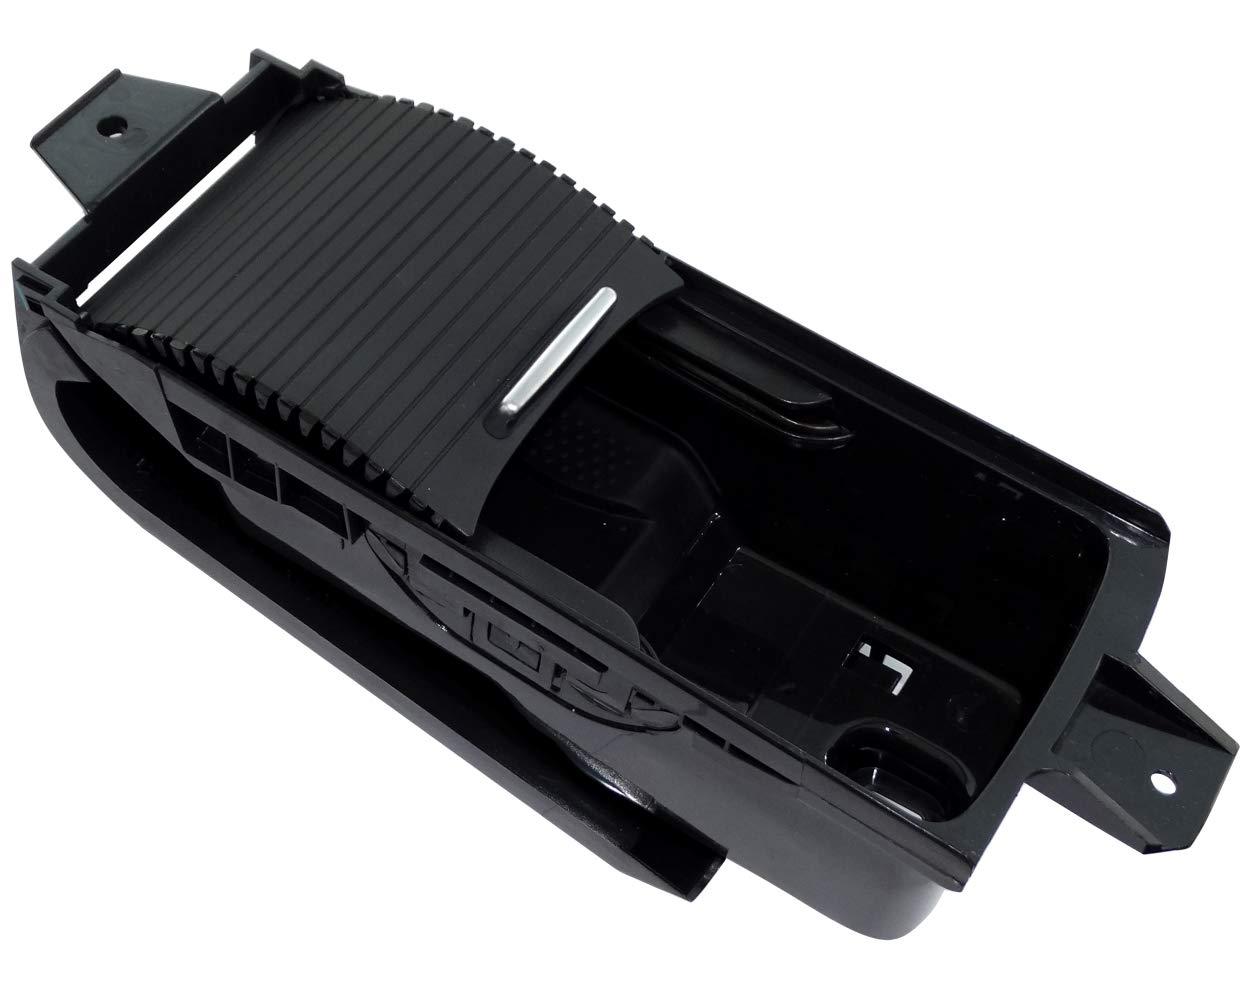 AERZETIX: Consola central portavasos soporte para vasos C40849 compatible con 5KD862531: Amazon.es: Coche y moto